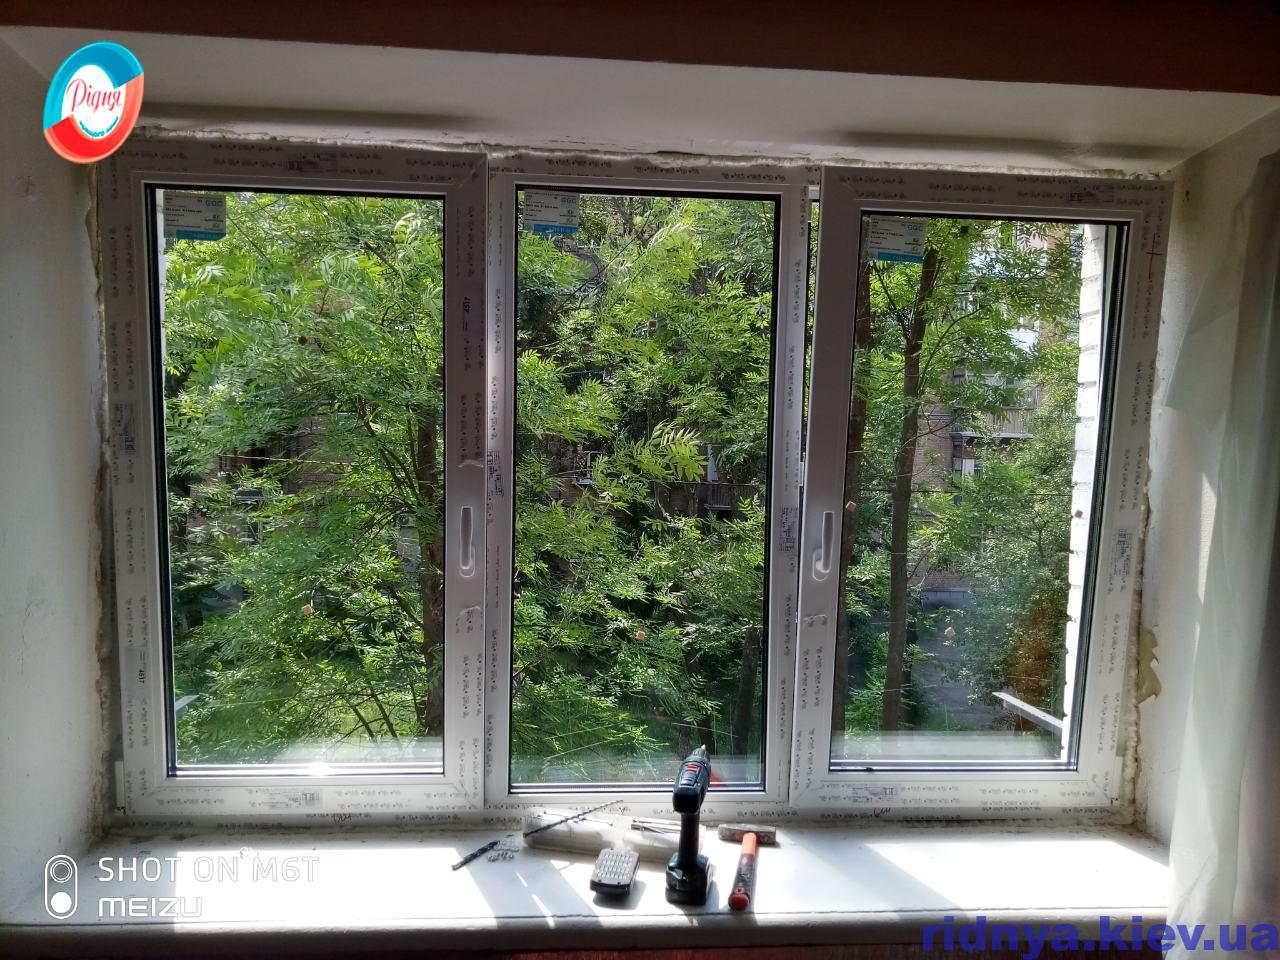 Металлопластиковые окна Rehau Киев на ул. Метростроевская 11 А